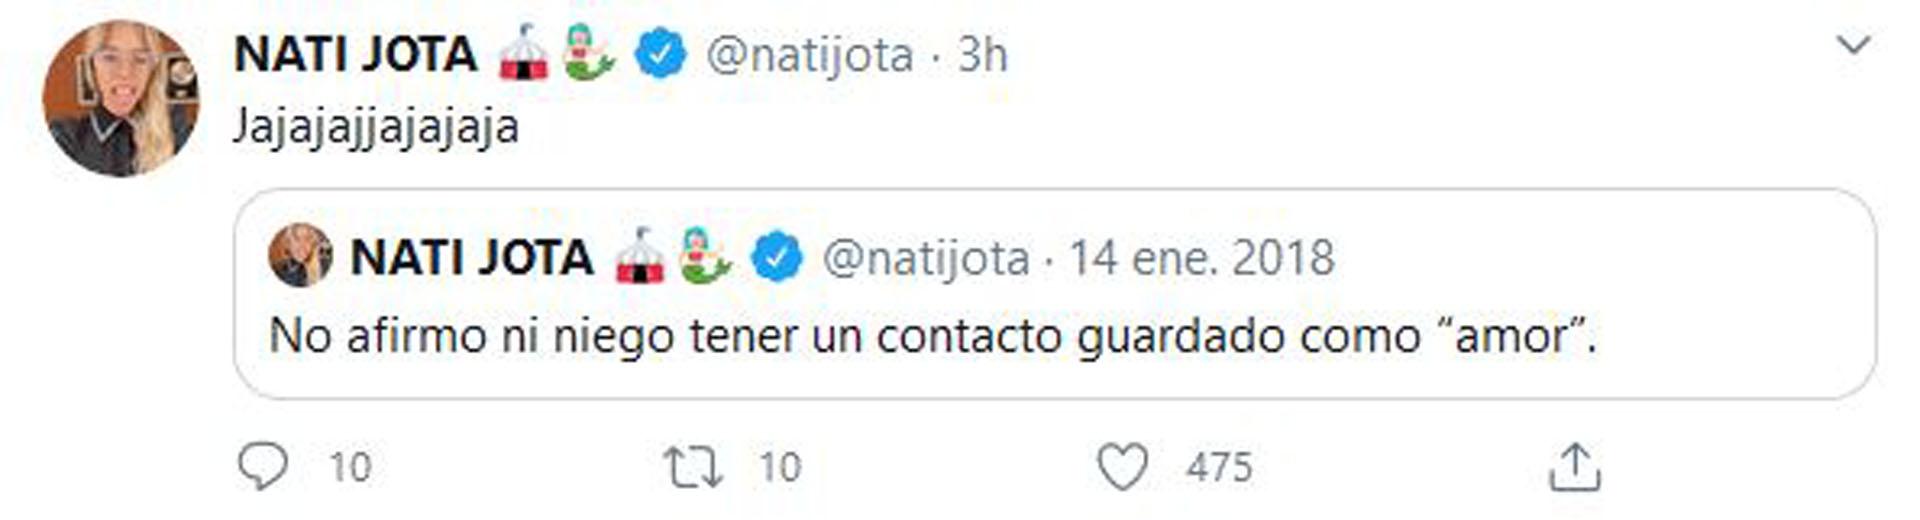 El tuit de Nati publicado cuando comenzaba su relación con Siri (Foto: Twitter)